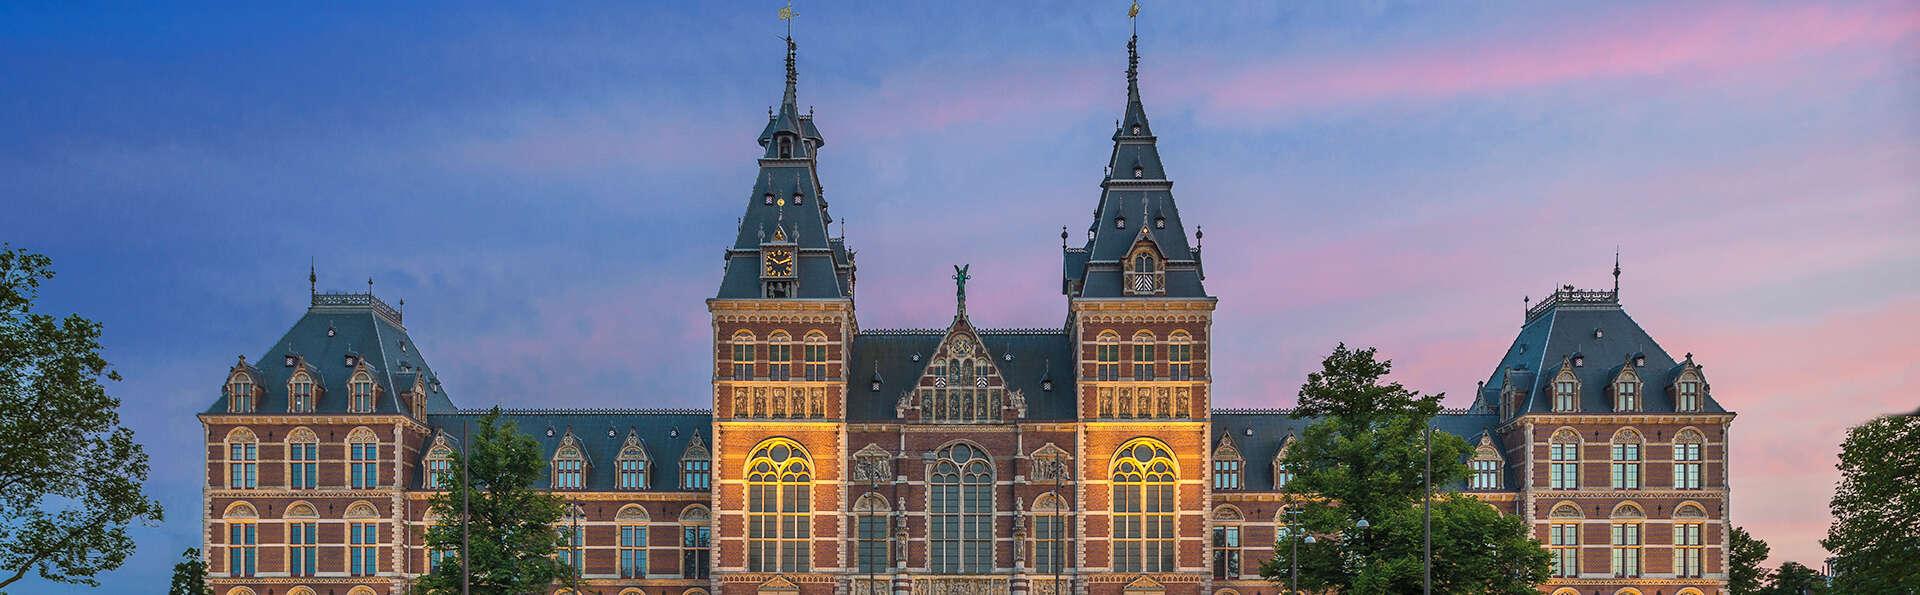 Séjour wellness luxueux à Volendam et visite au Rijksmuseum d'Amsterdam (à partir de 2 nuits)